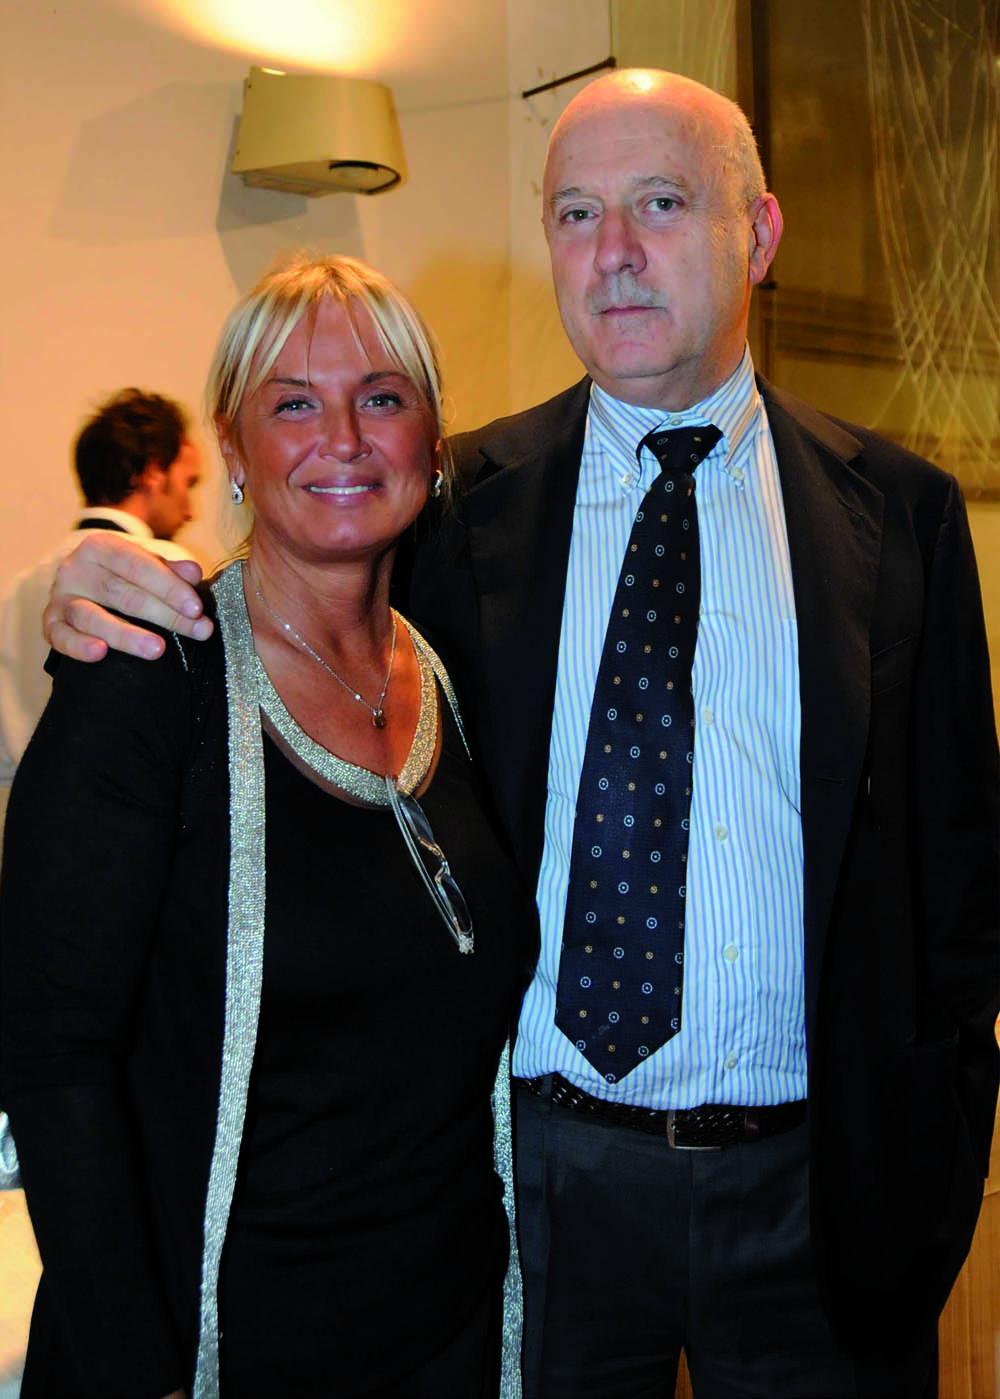 Pressphoto, Firenze Magazine, Serata Piccini al Convitto della Calza,: Mariangela Fagioli, Luciano Meoni